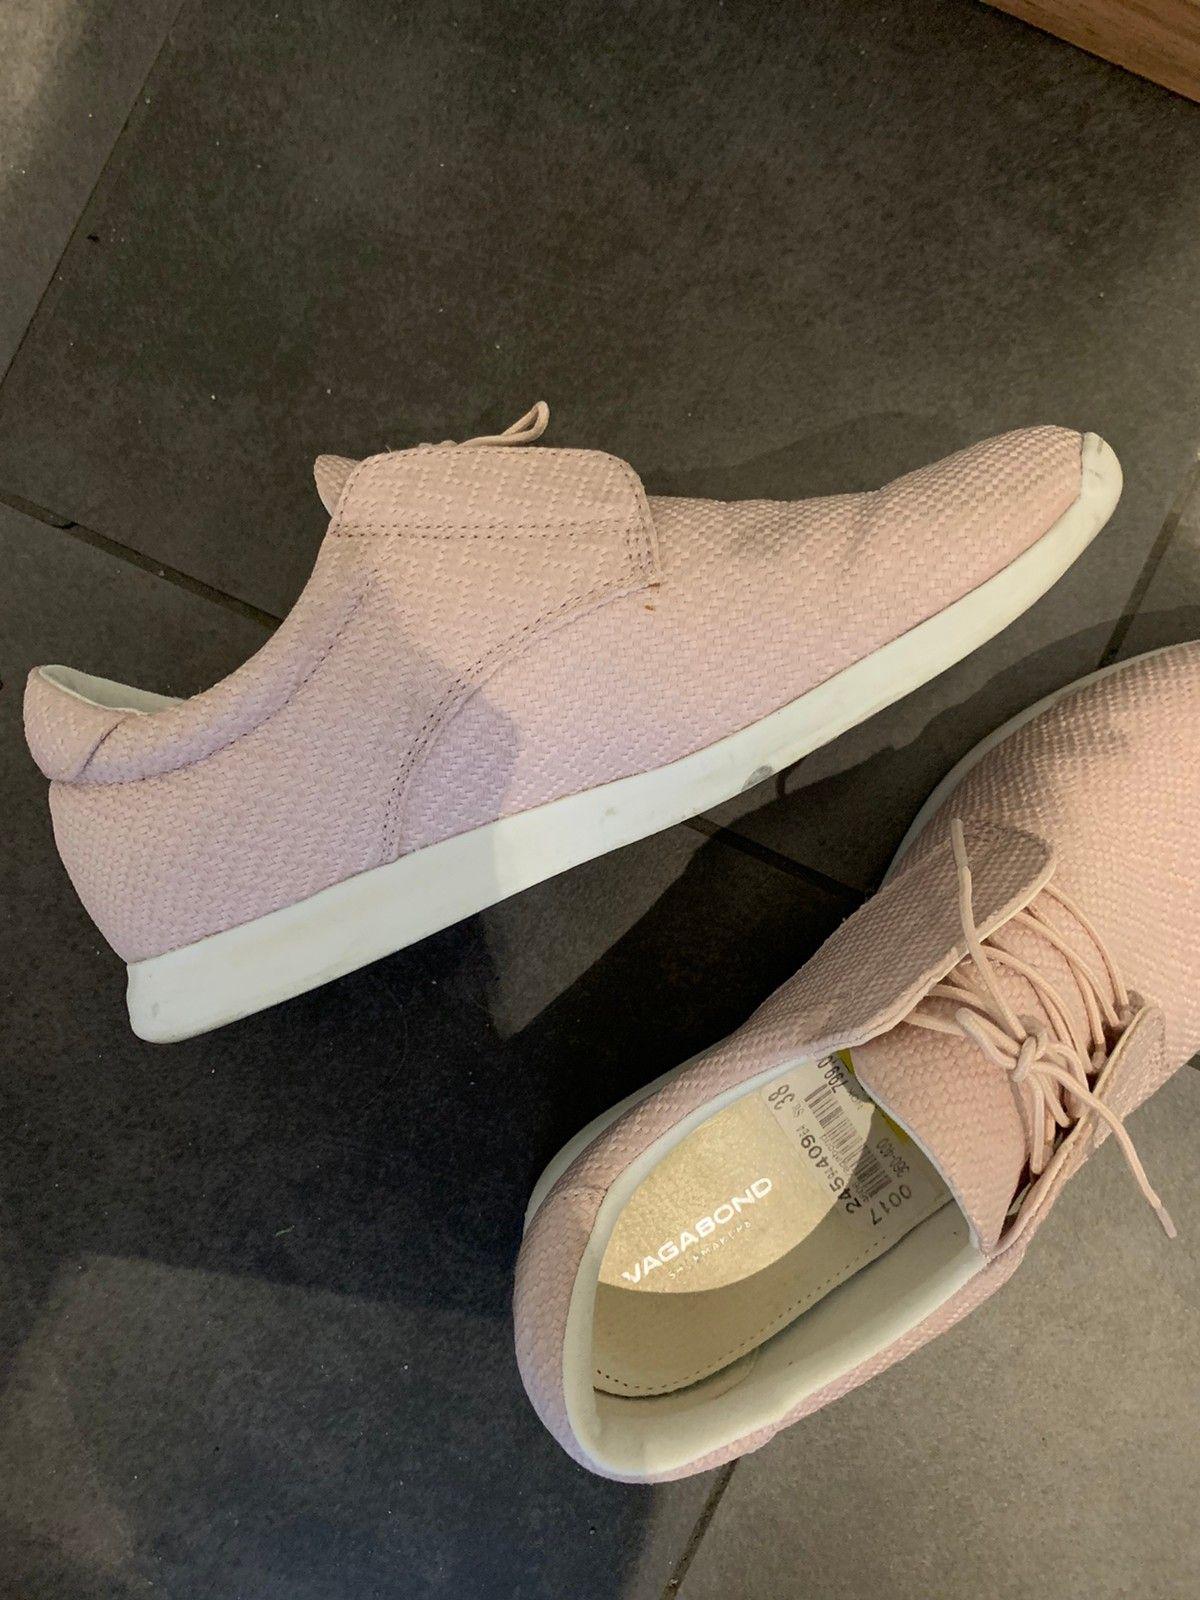 Vagabond sko dame str 38, brukt 1 gang | FINN.no